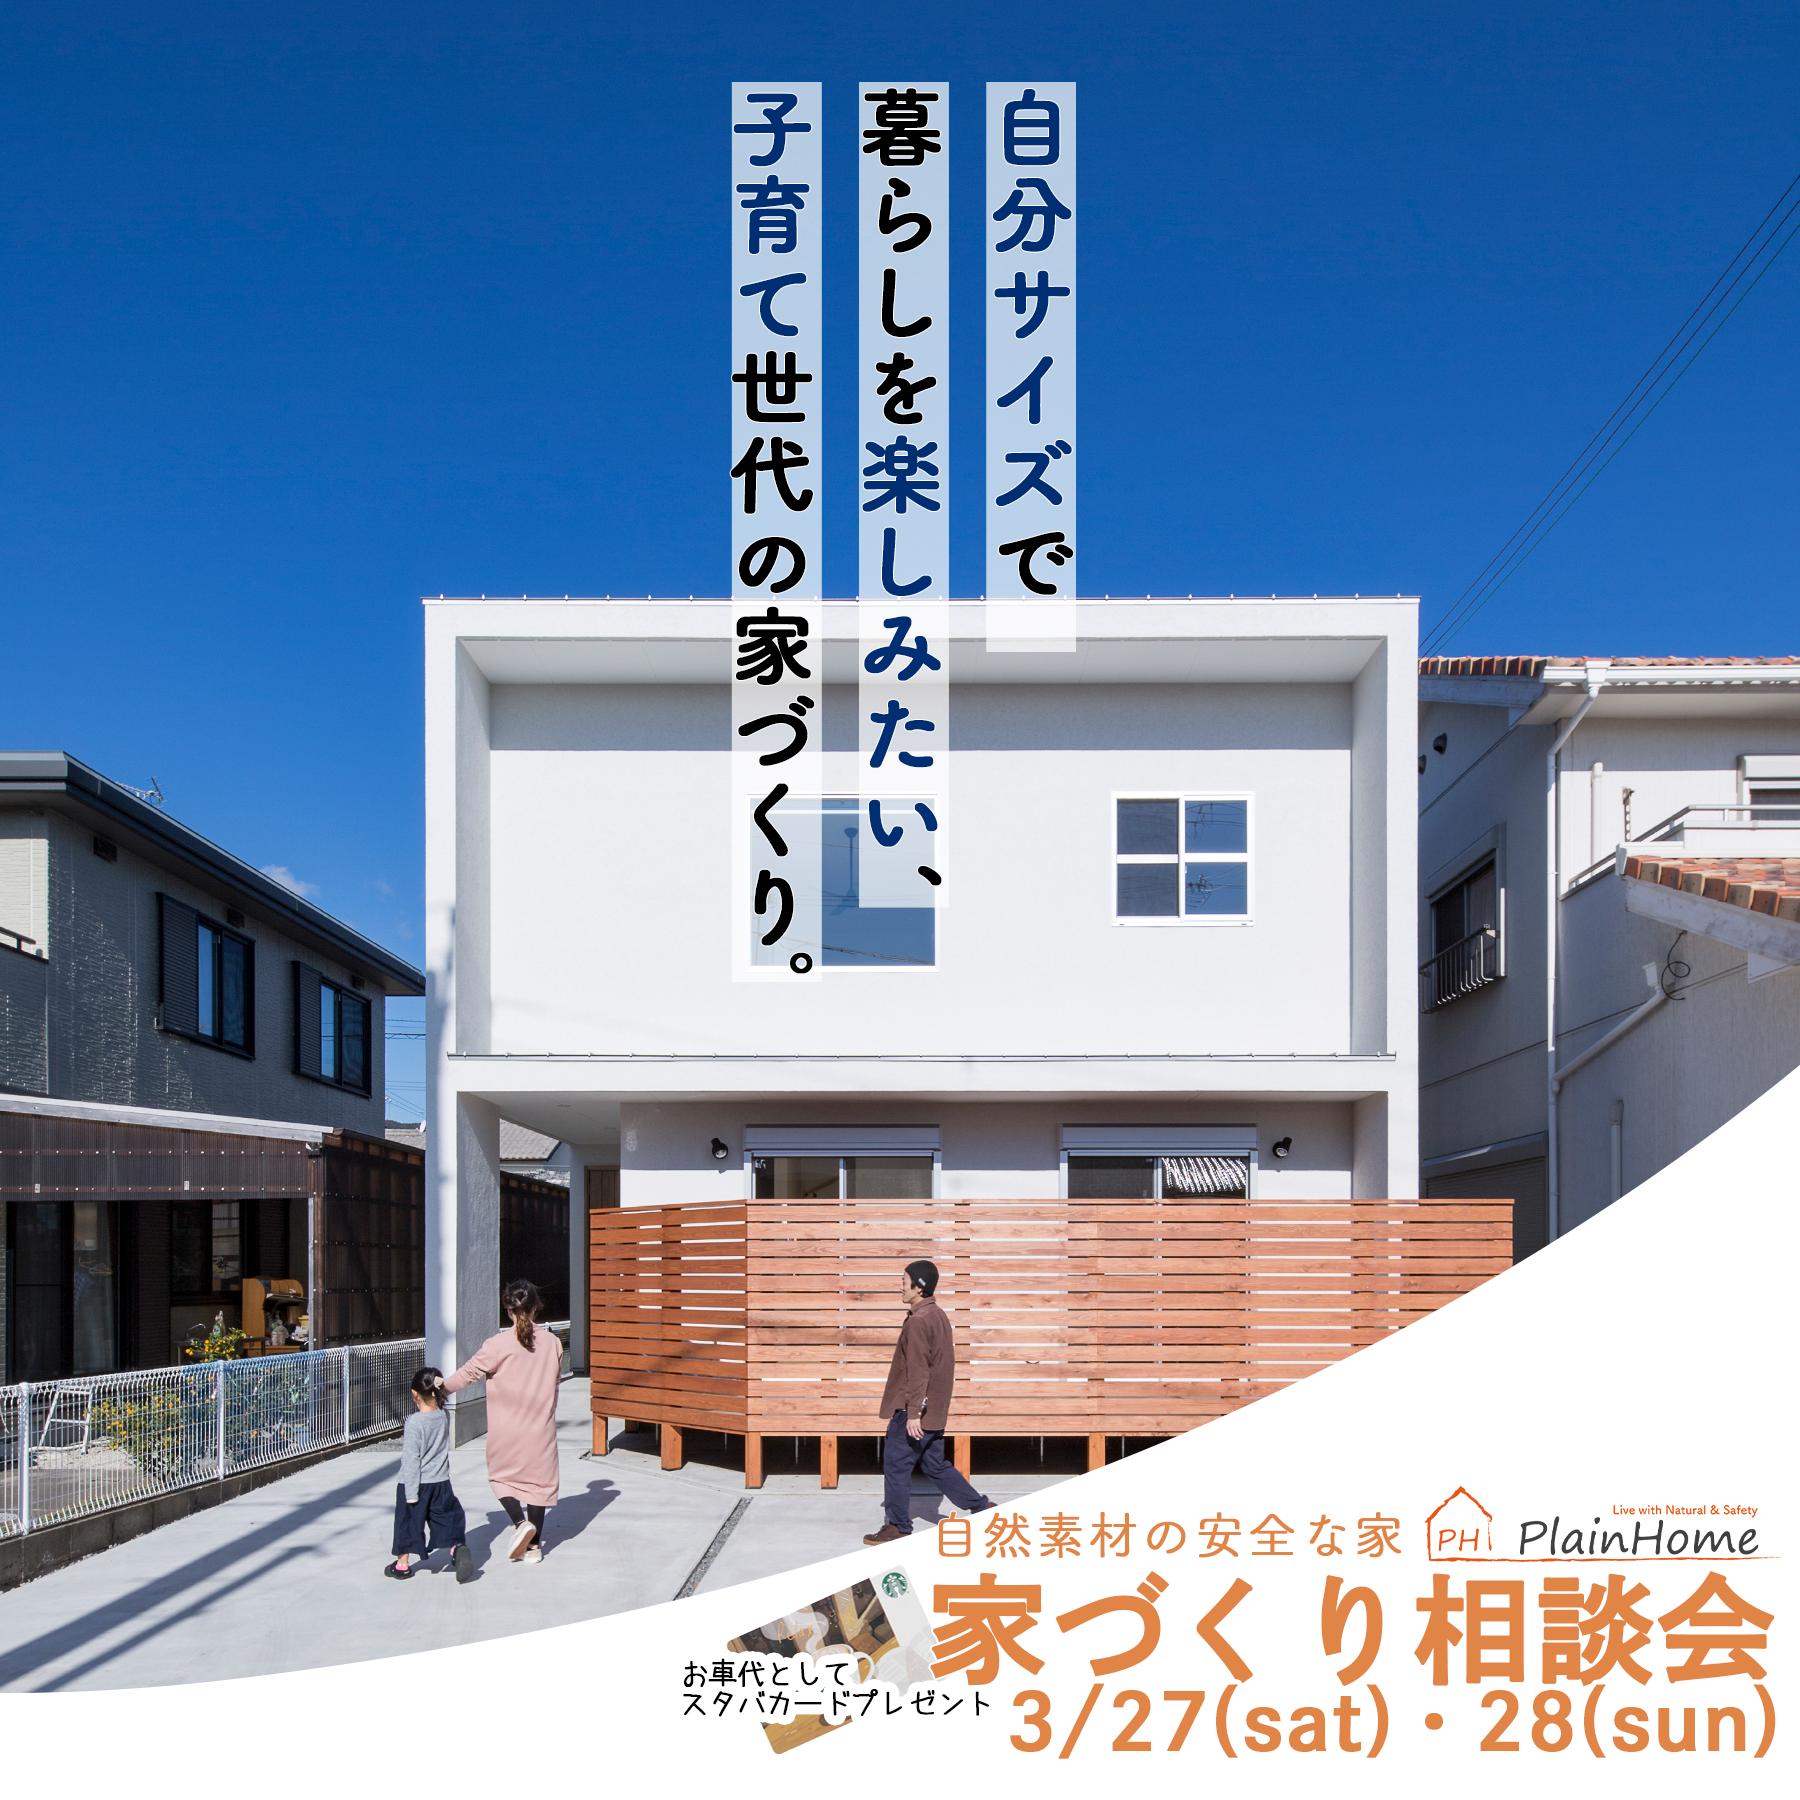 【3月27・28日】プレインホームの家づくり相談会